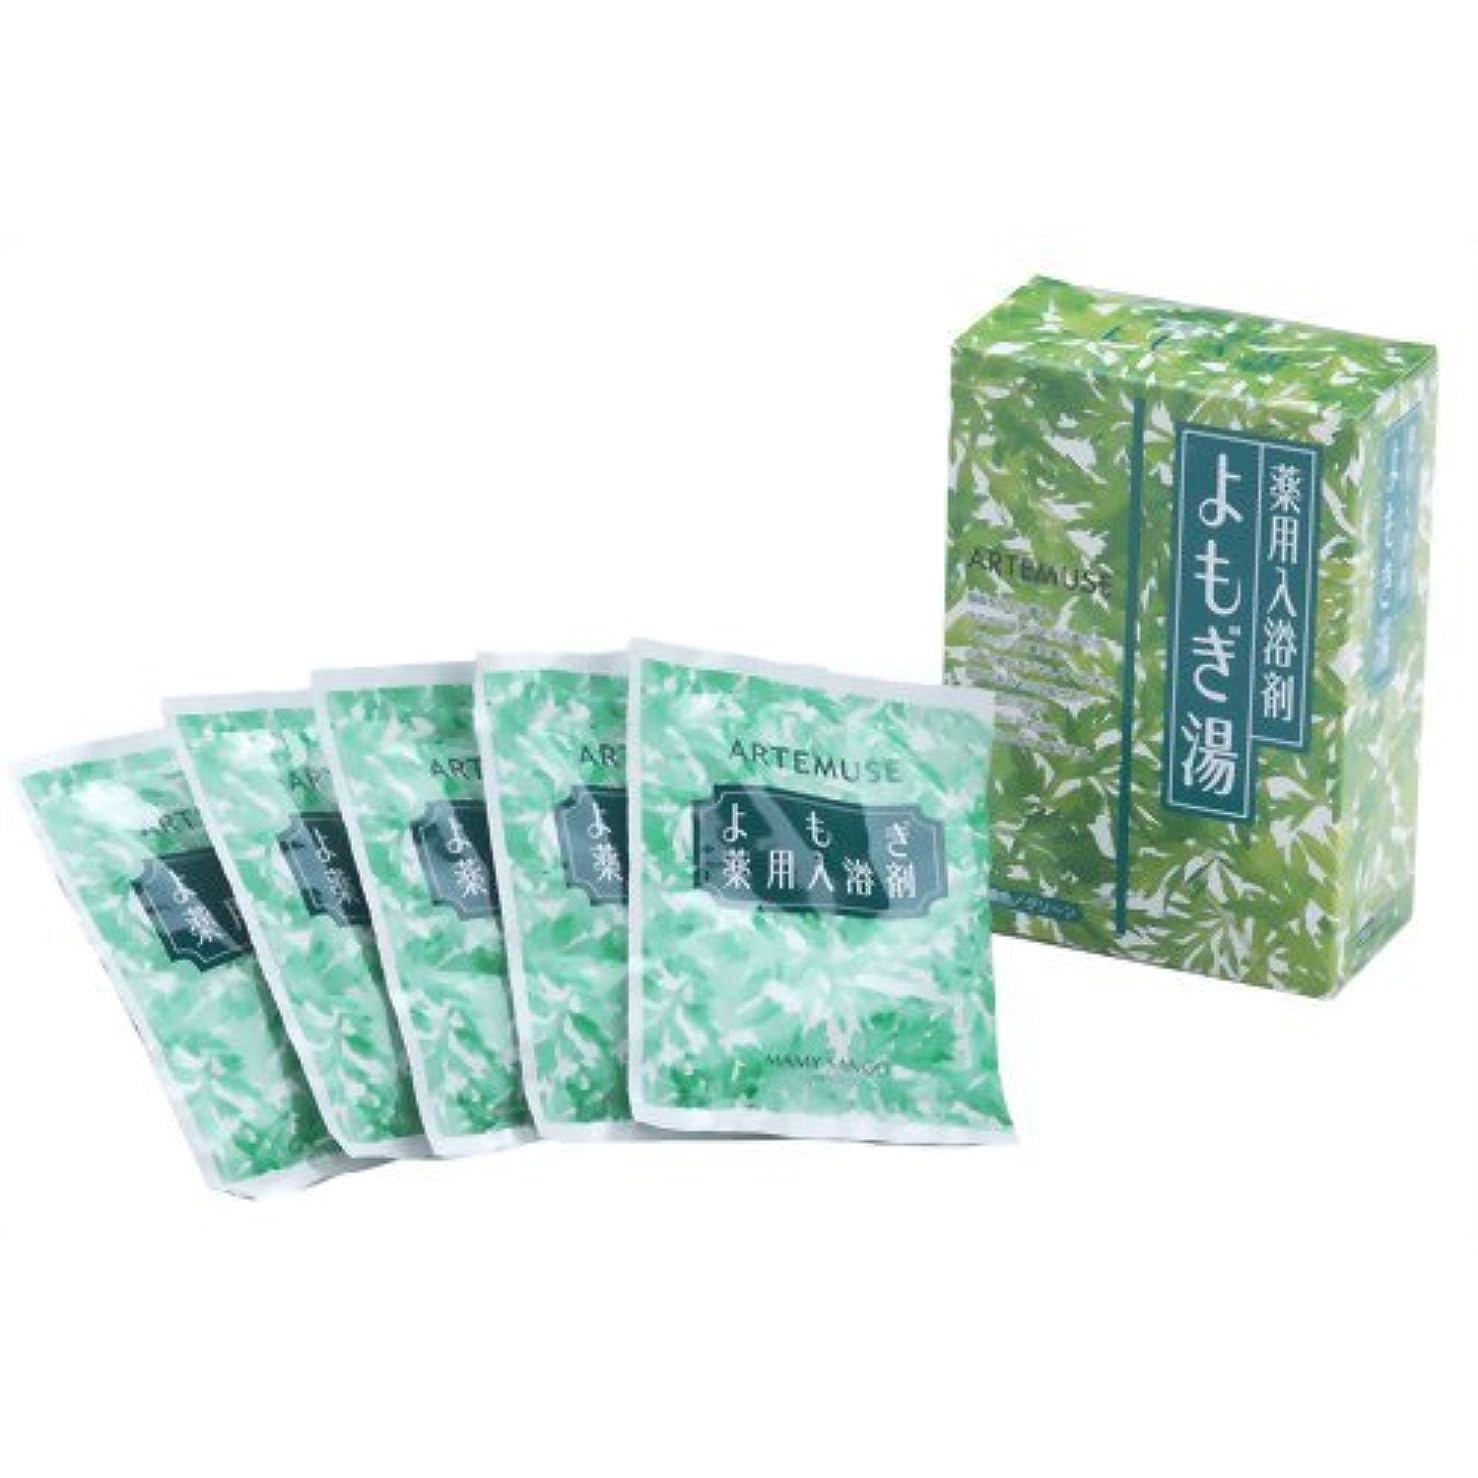 降伏発行宮殿三興物産 よもぎ薬用シリーズ よもぎ薬用入浴剤 (分包) 30g×5包入